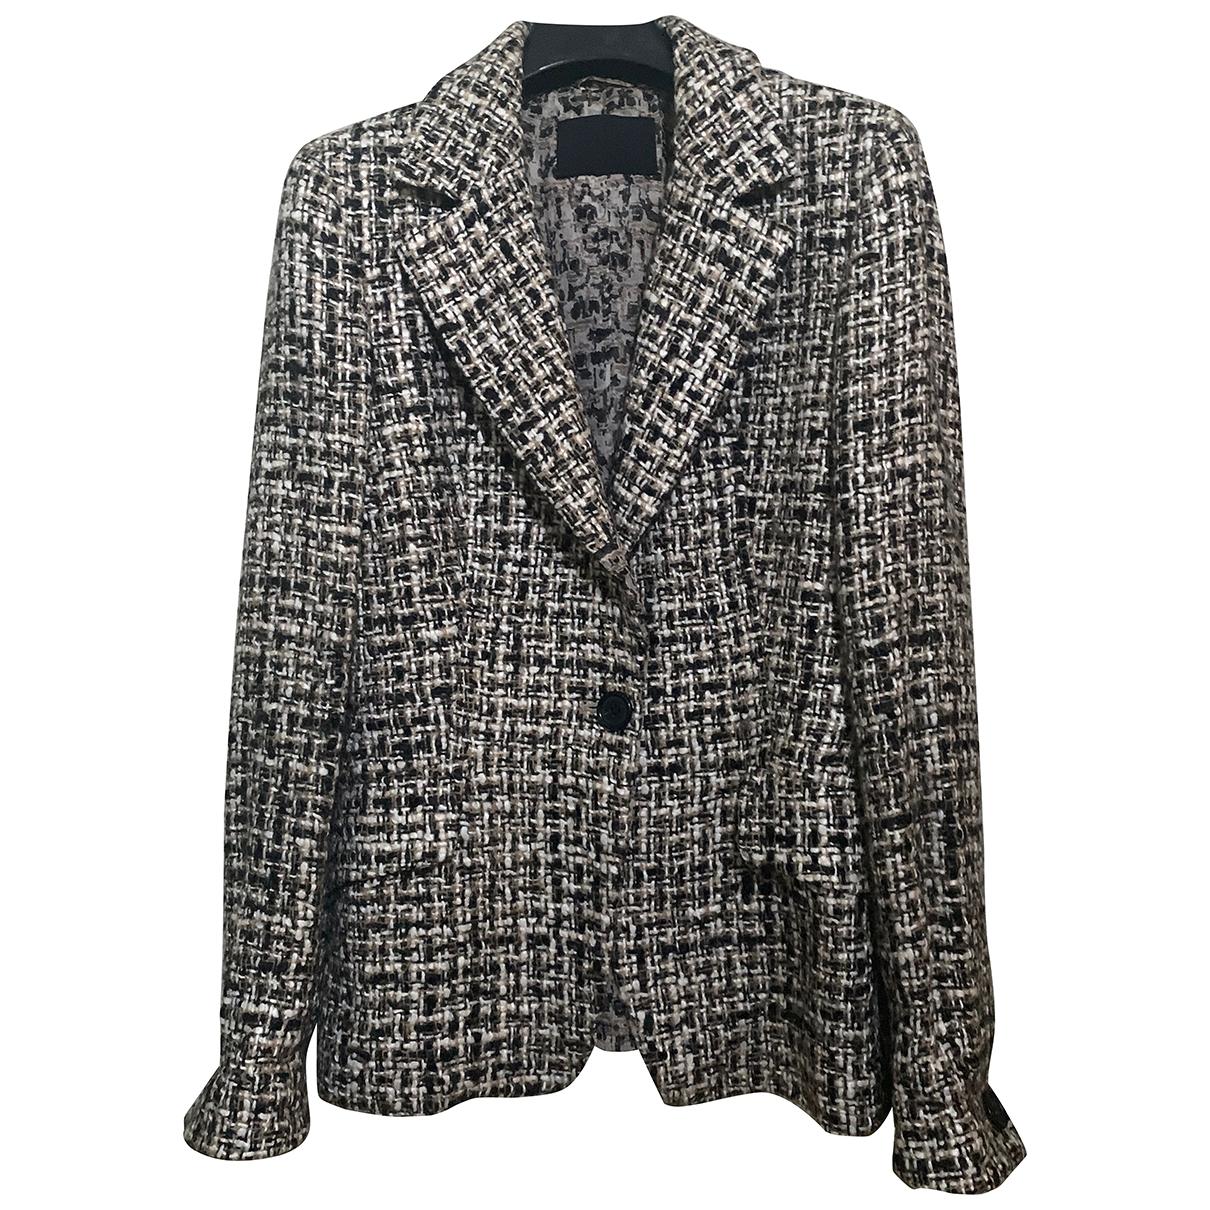 Prada \N Beige Wool jacket for Women 44 IT